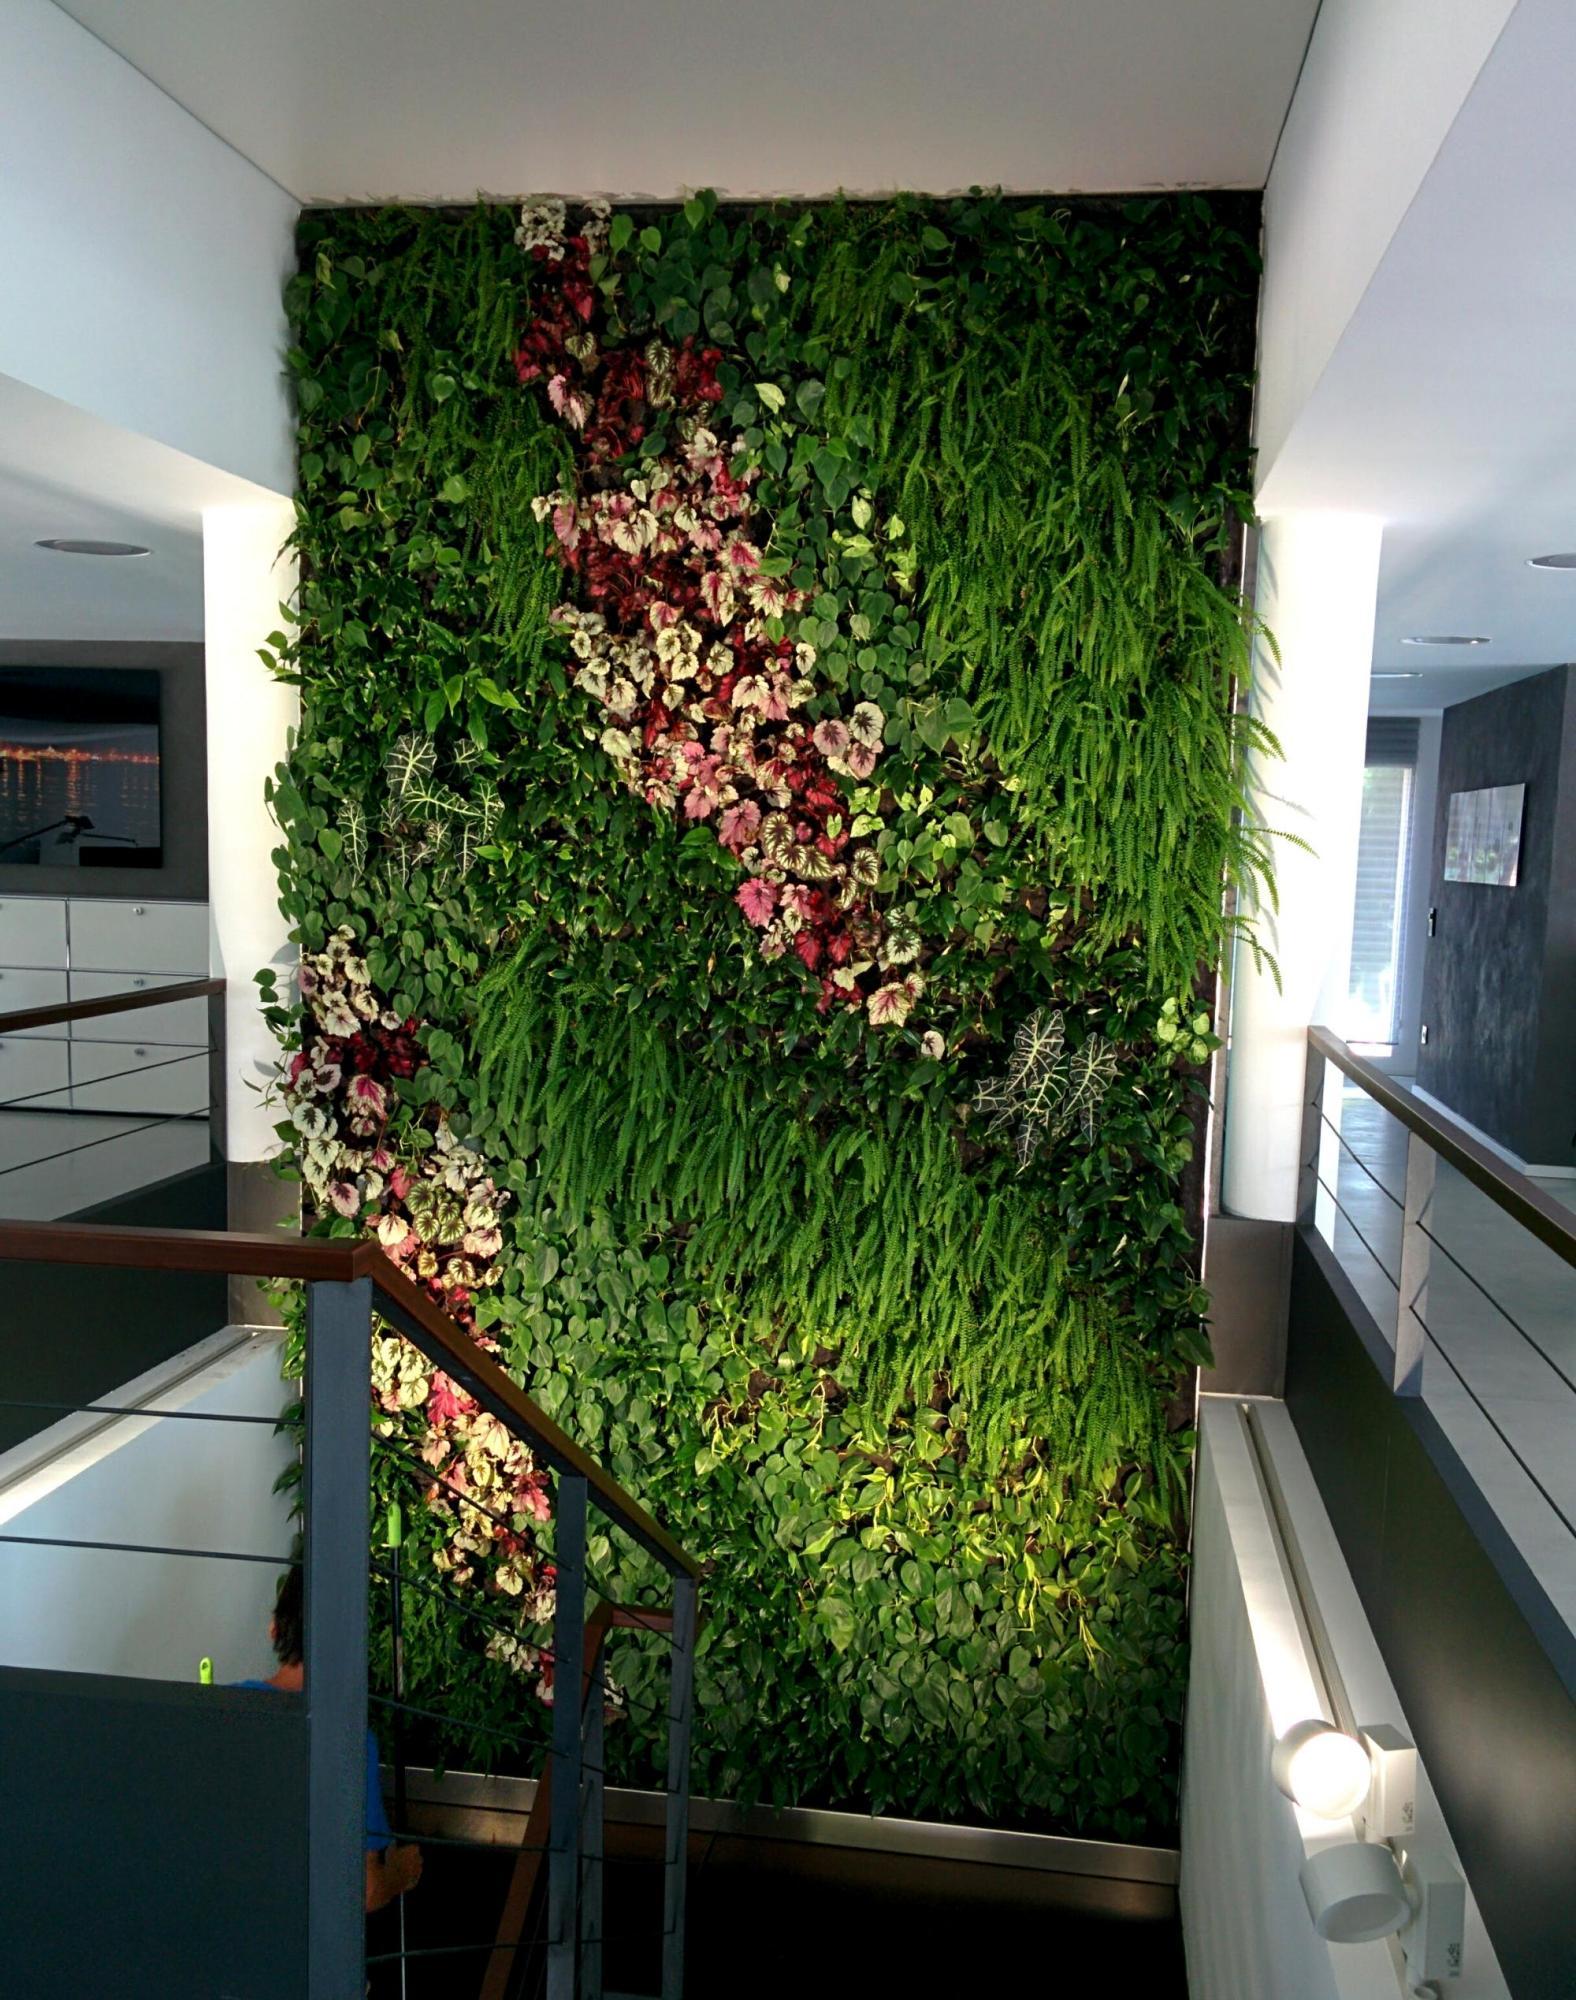 Jard n vertical en mallorca santa pon a alicante forestal for Plantas utilizadas en jardines verticales